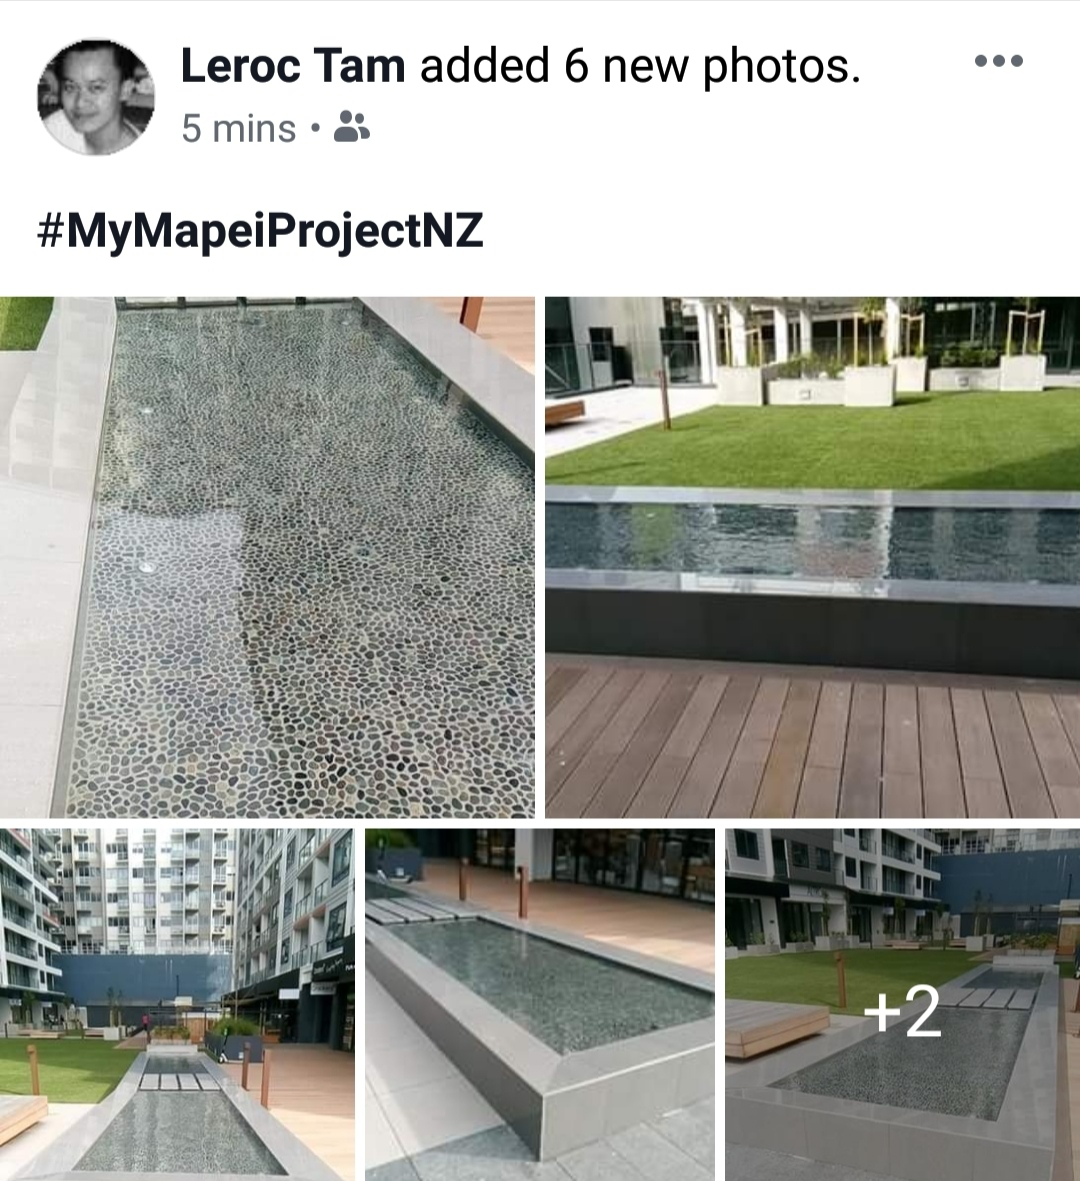 Leroc Tam